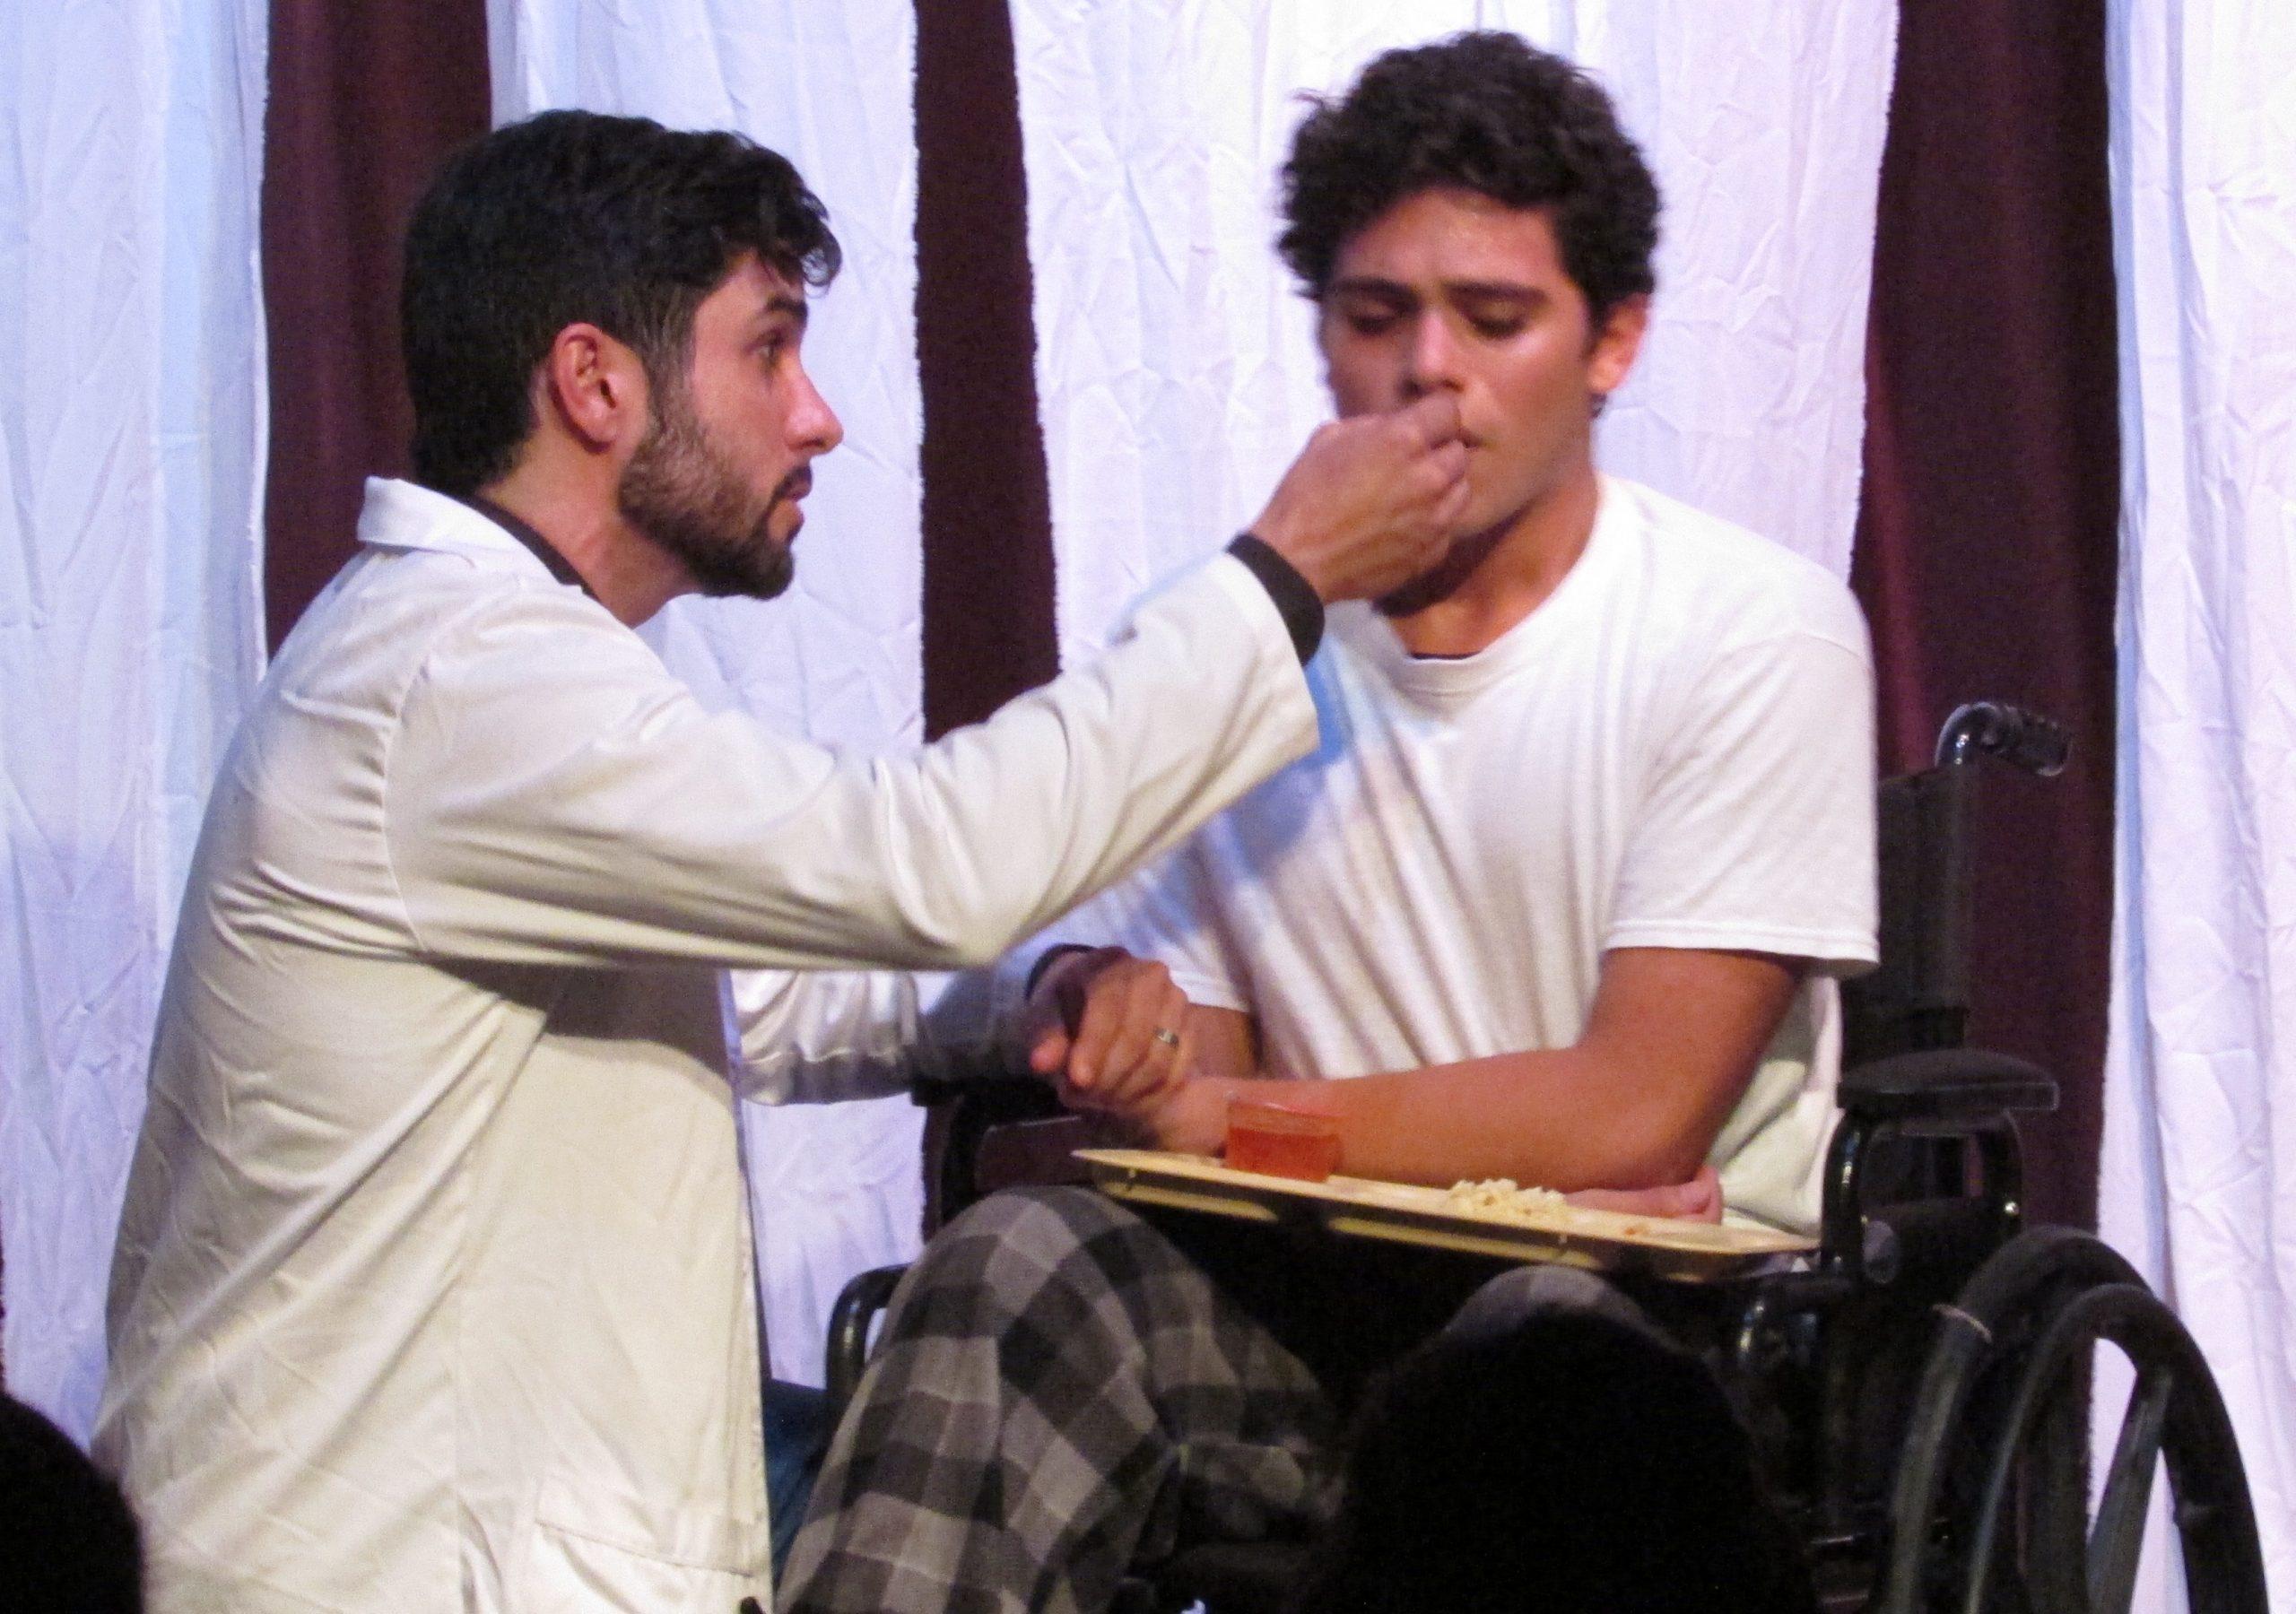 Marcos Carlos Cintrón y xx forman parte del electo. (Foto Javier Santiago / Fundación Nacional para la Cultura Popular)